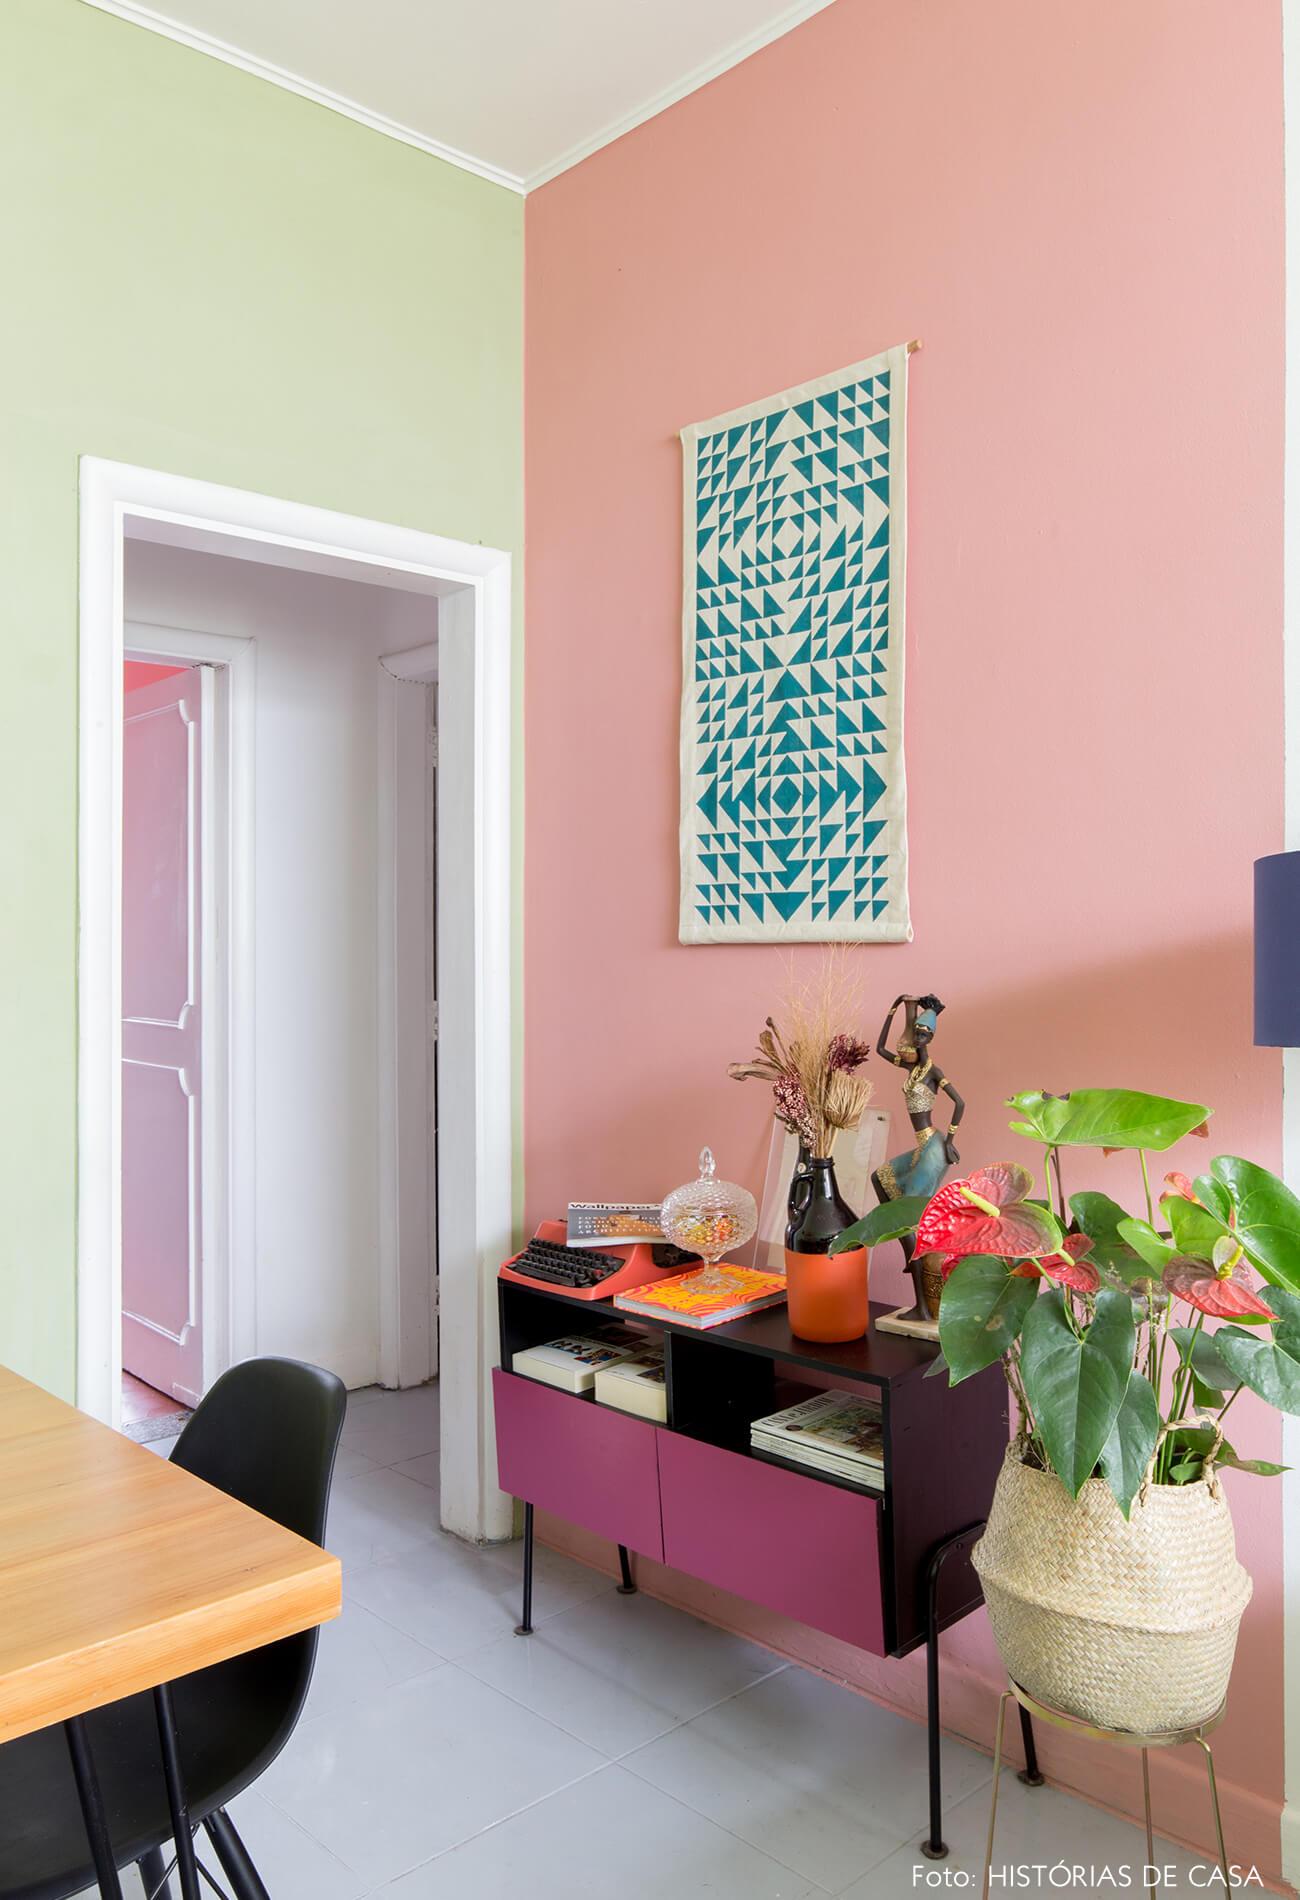 colorido-parede-verde-e-rosa-buffet-rosa-cesto-palha-arte-geometrica